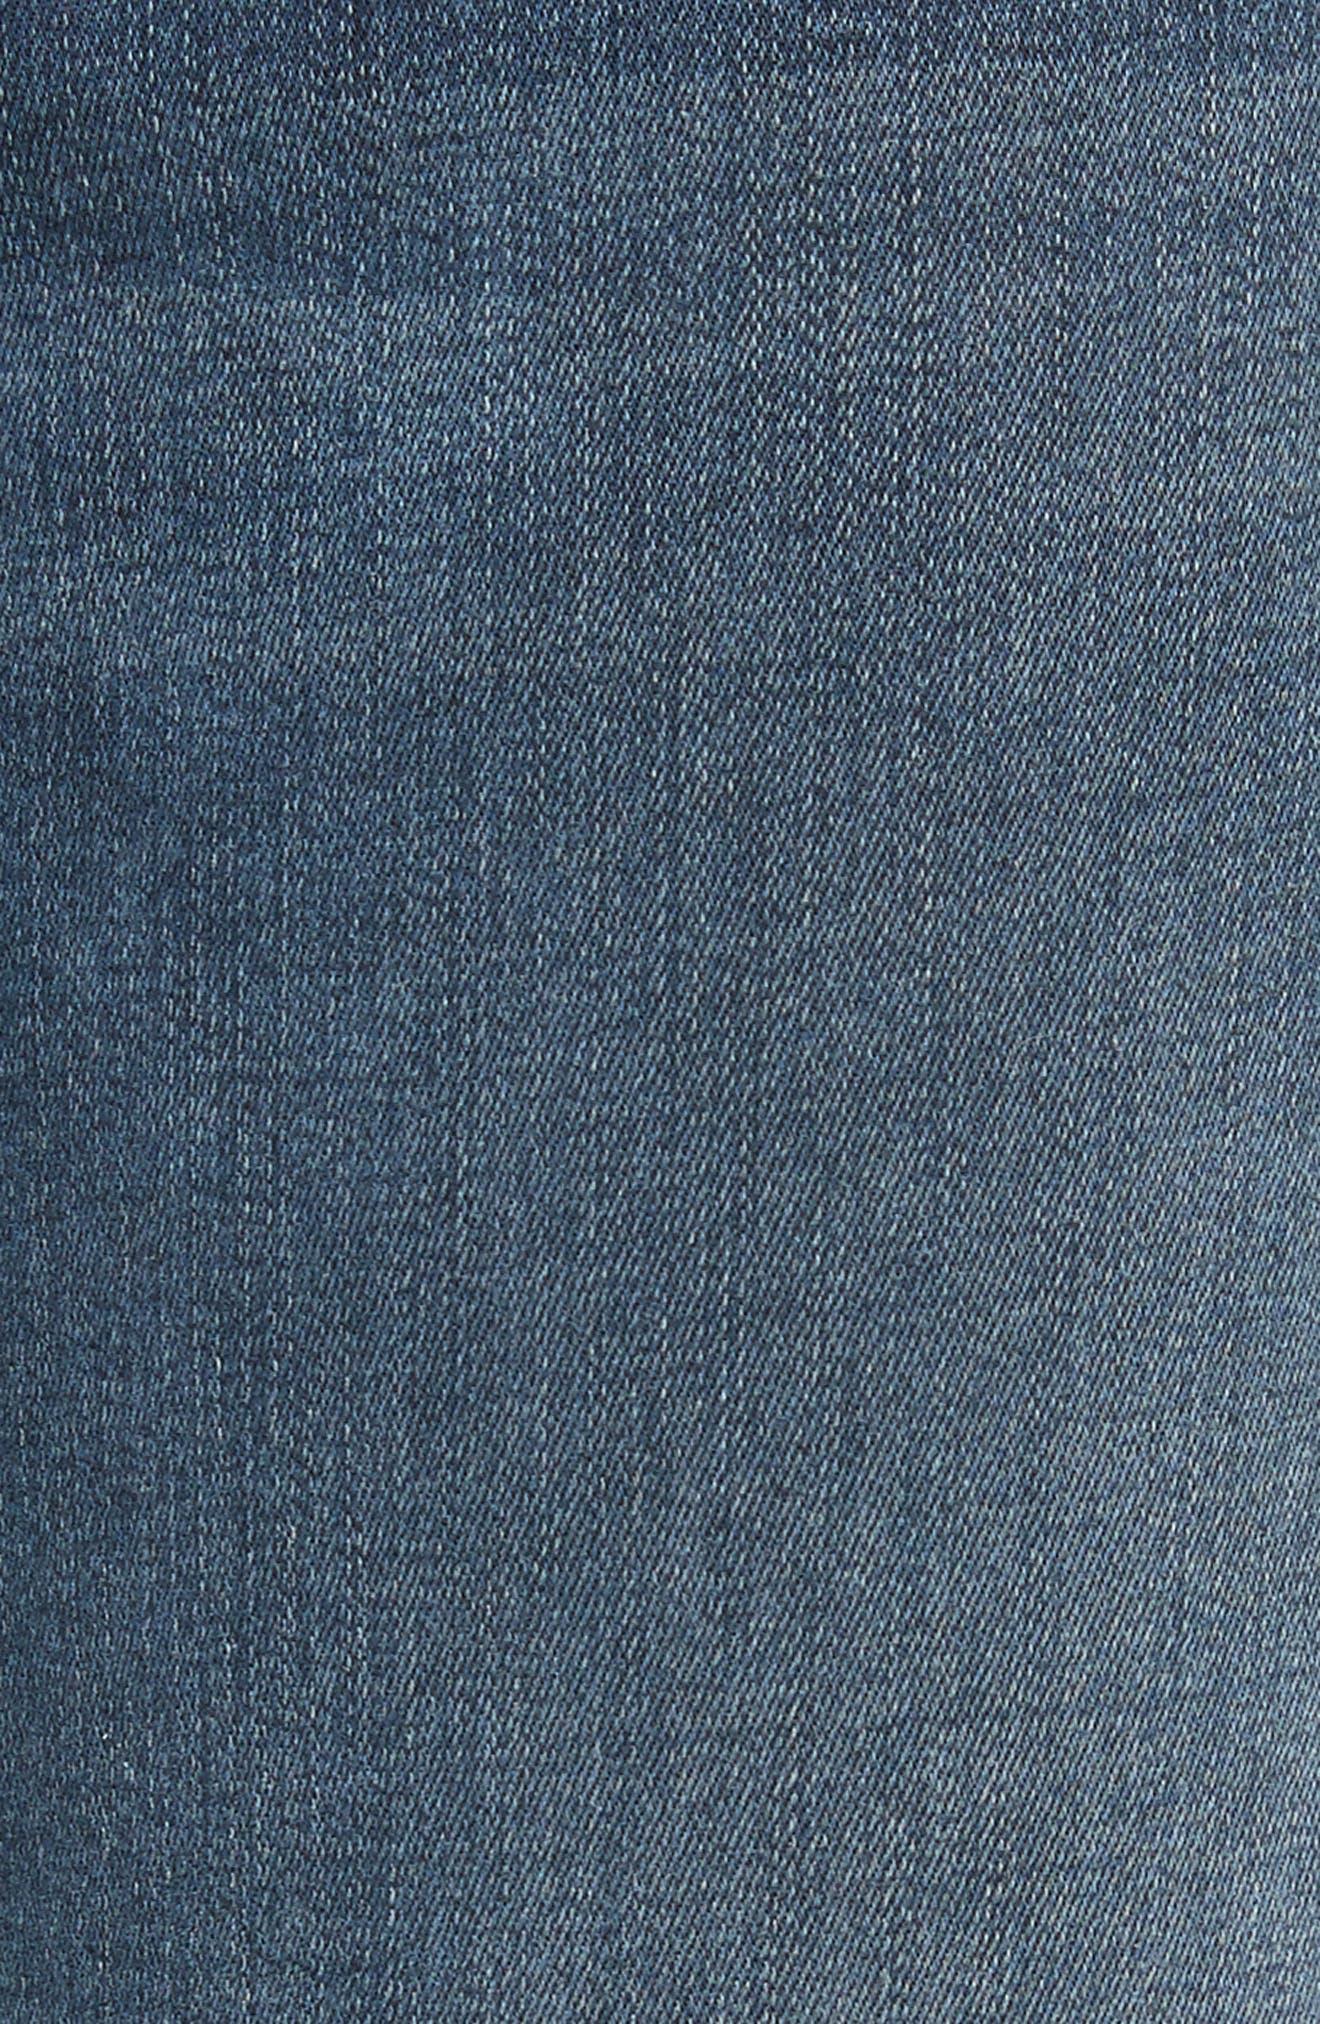 Le Crop Mini Boot Stagger Hem Jeans,                             Alternate thumbnail 5, color,                             420